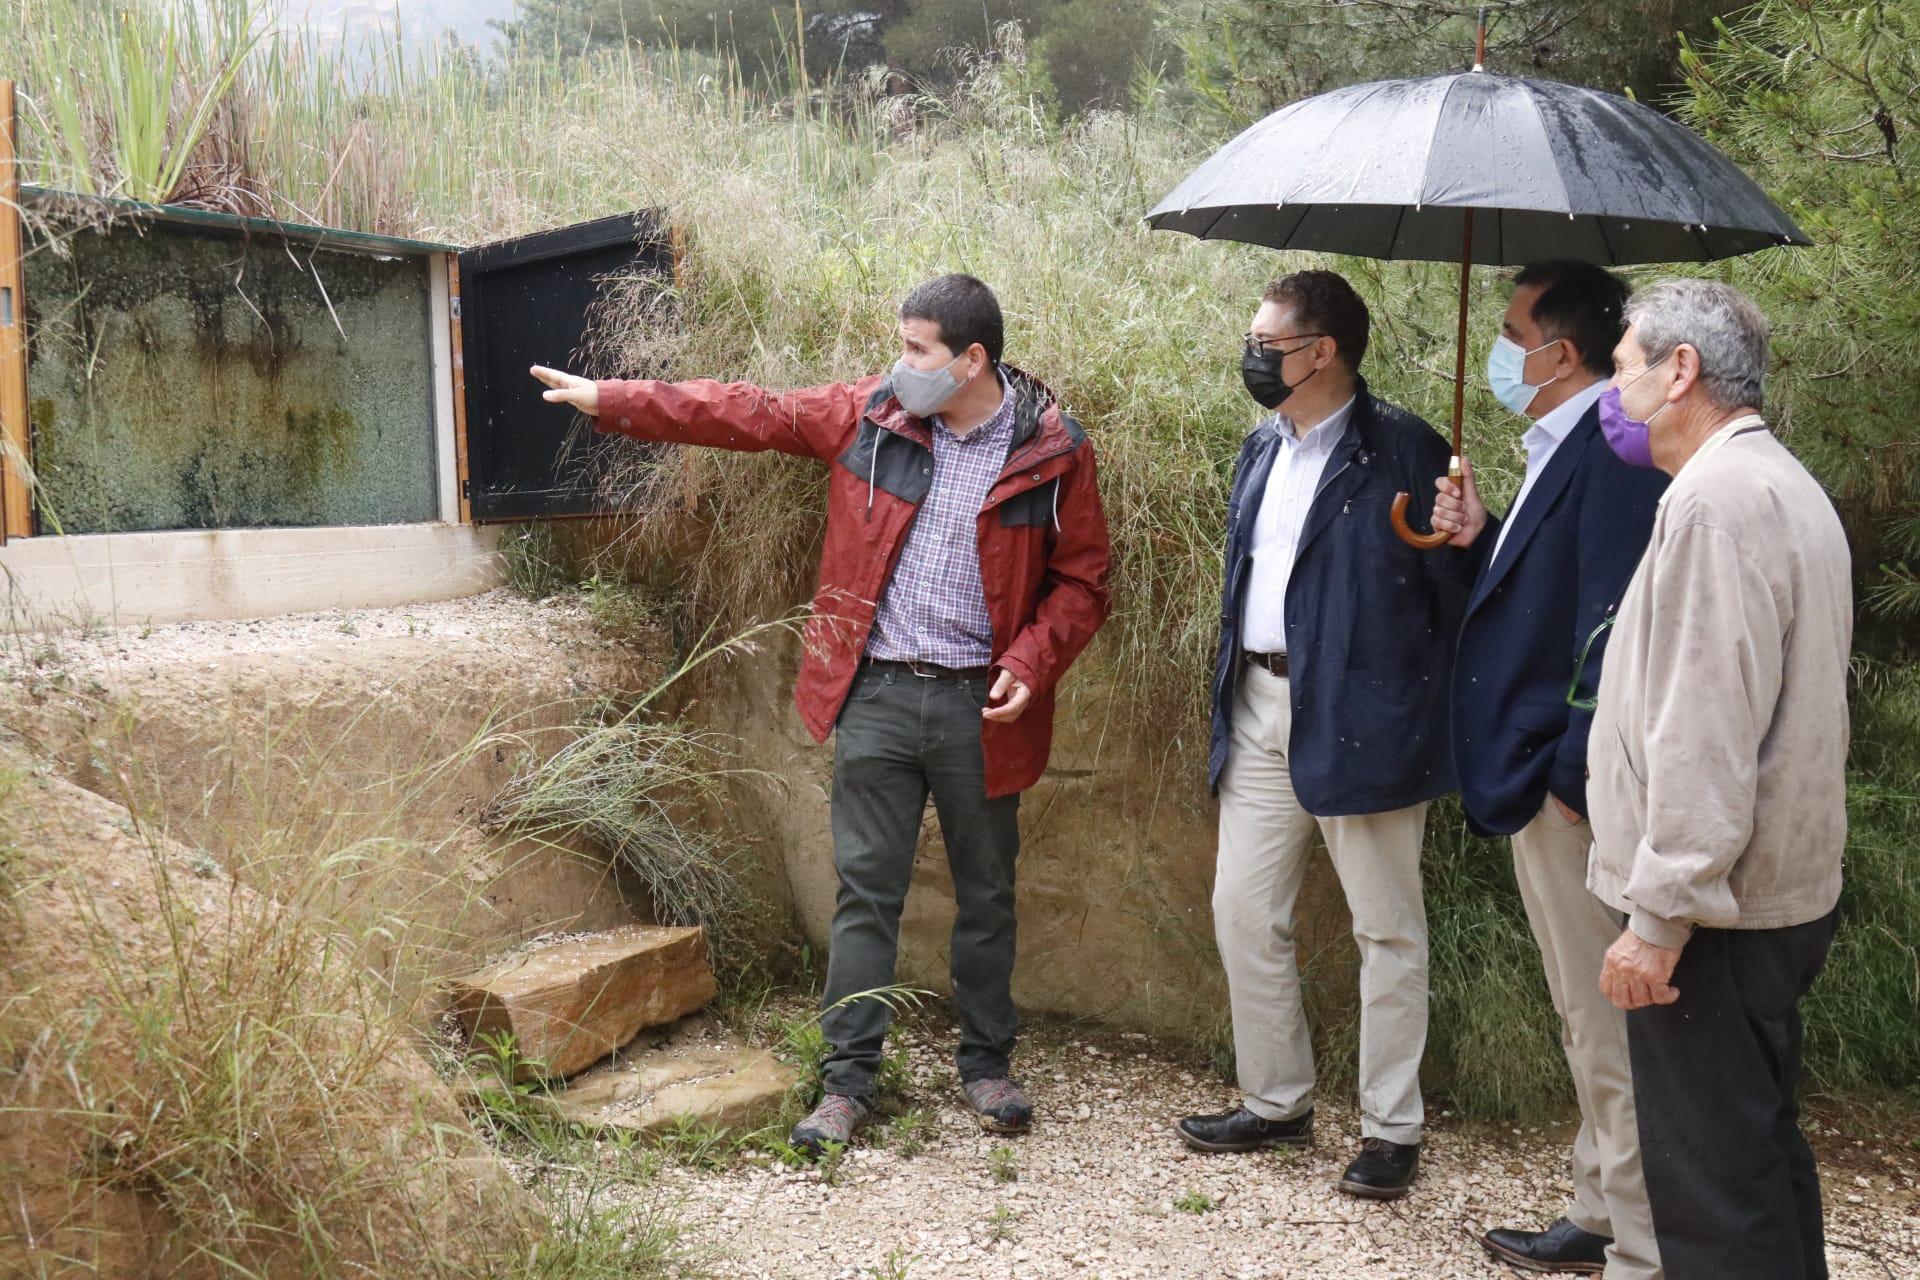 WhatsApp Image 2021 06 05 at 13.58.19 1 - El Alcalde de Murcia visita el Centro Medioambiental Fuente de Columbares